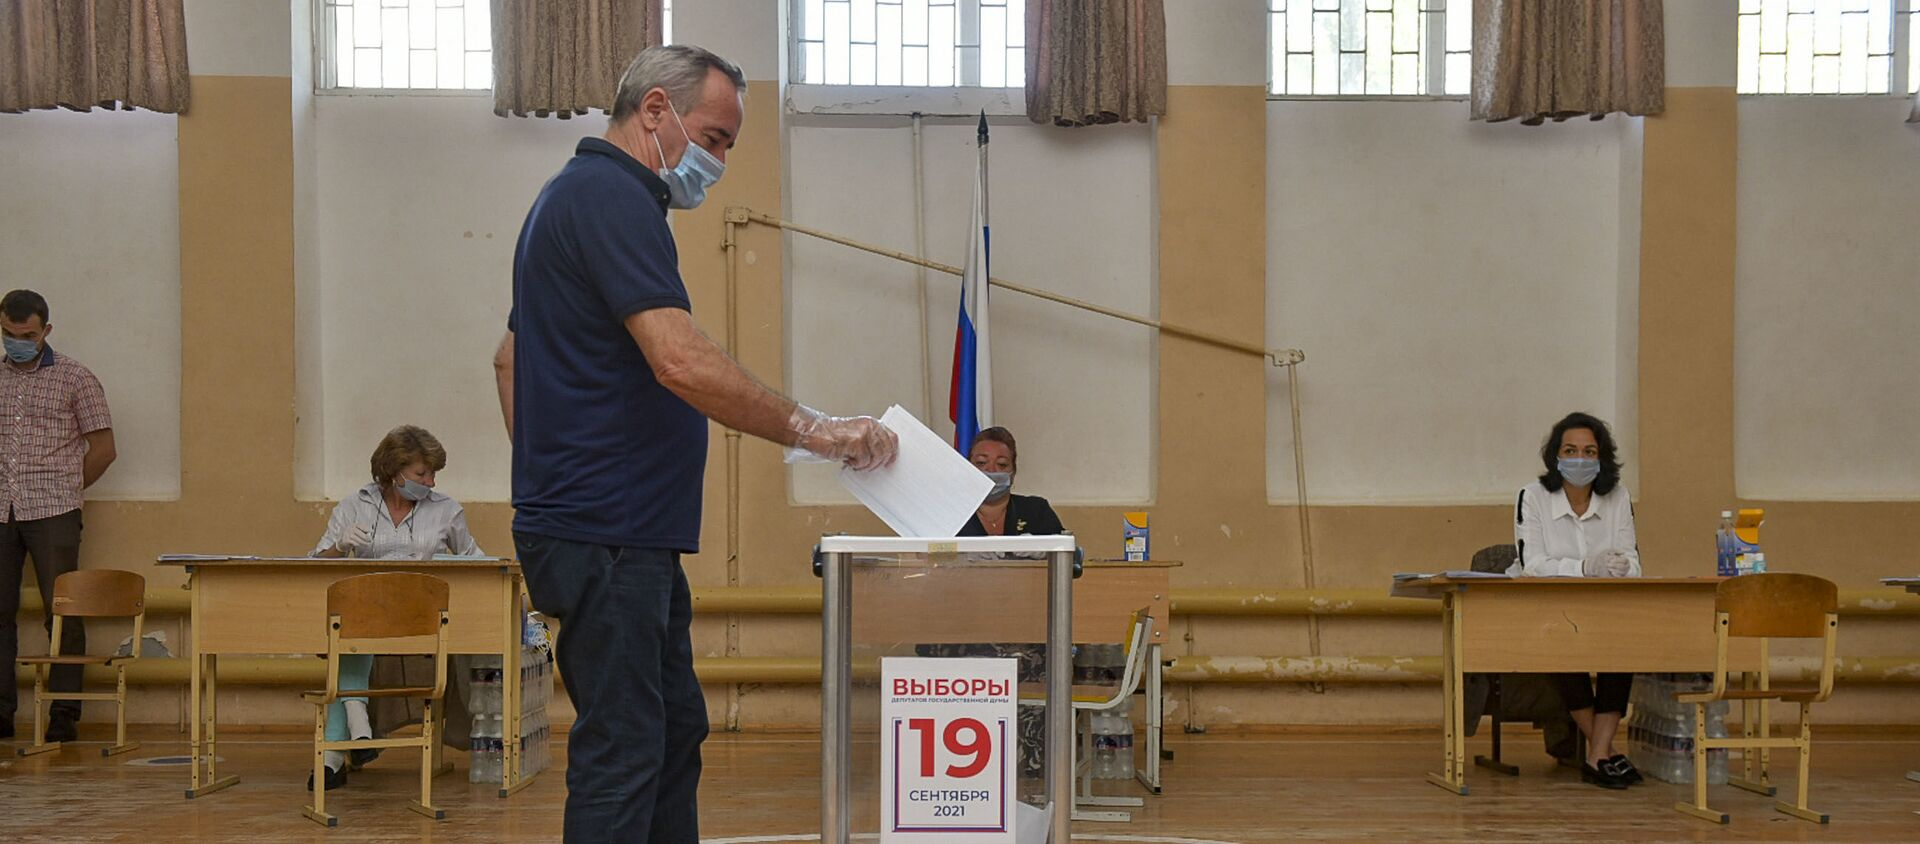 Выбор сделан: как проходило голосование в Госдуму в Абхазии  - Sputnik Абхазия, 1920, 19.09.2021